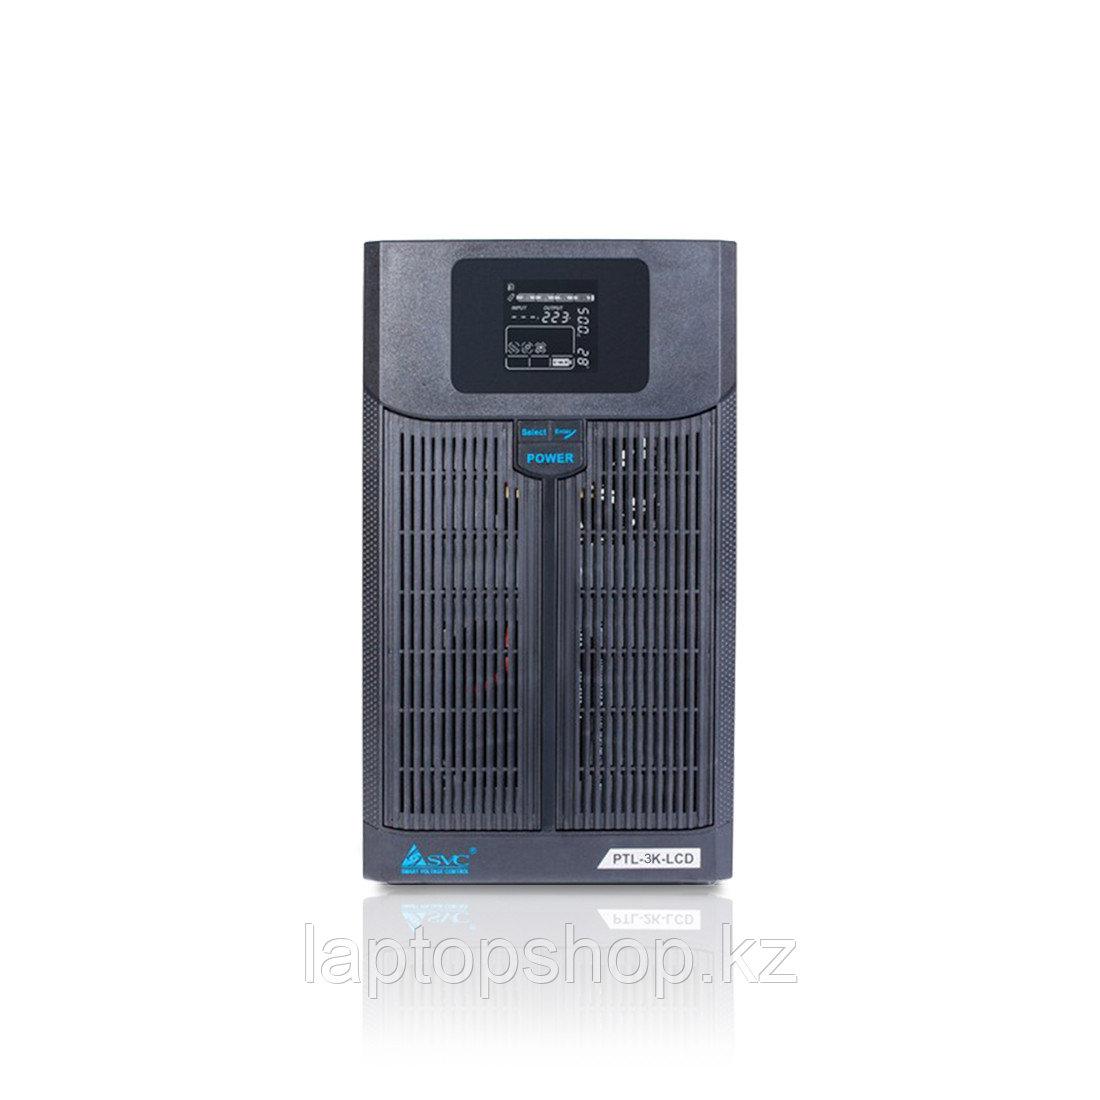 Источник бесперебойного питания SVC PTL-3K-LCD, Мощность 3000ВА/2100Вт